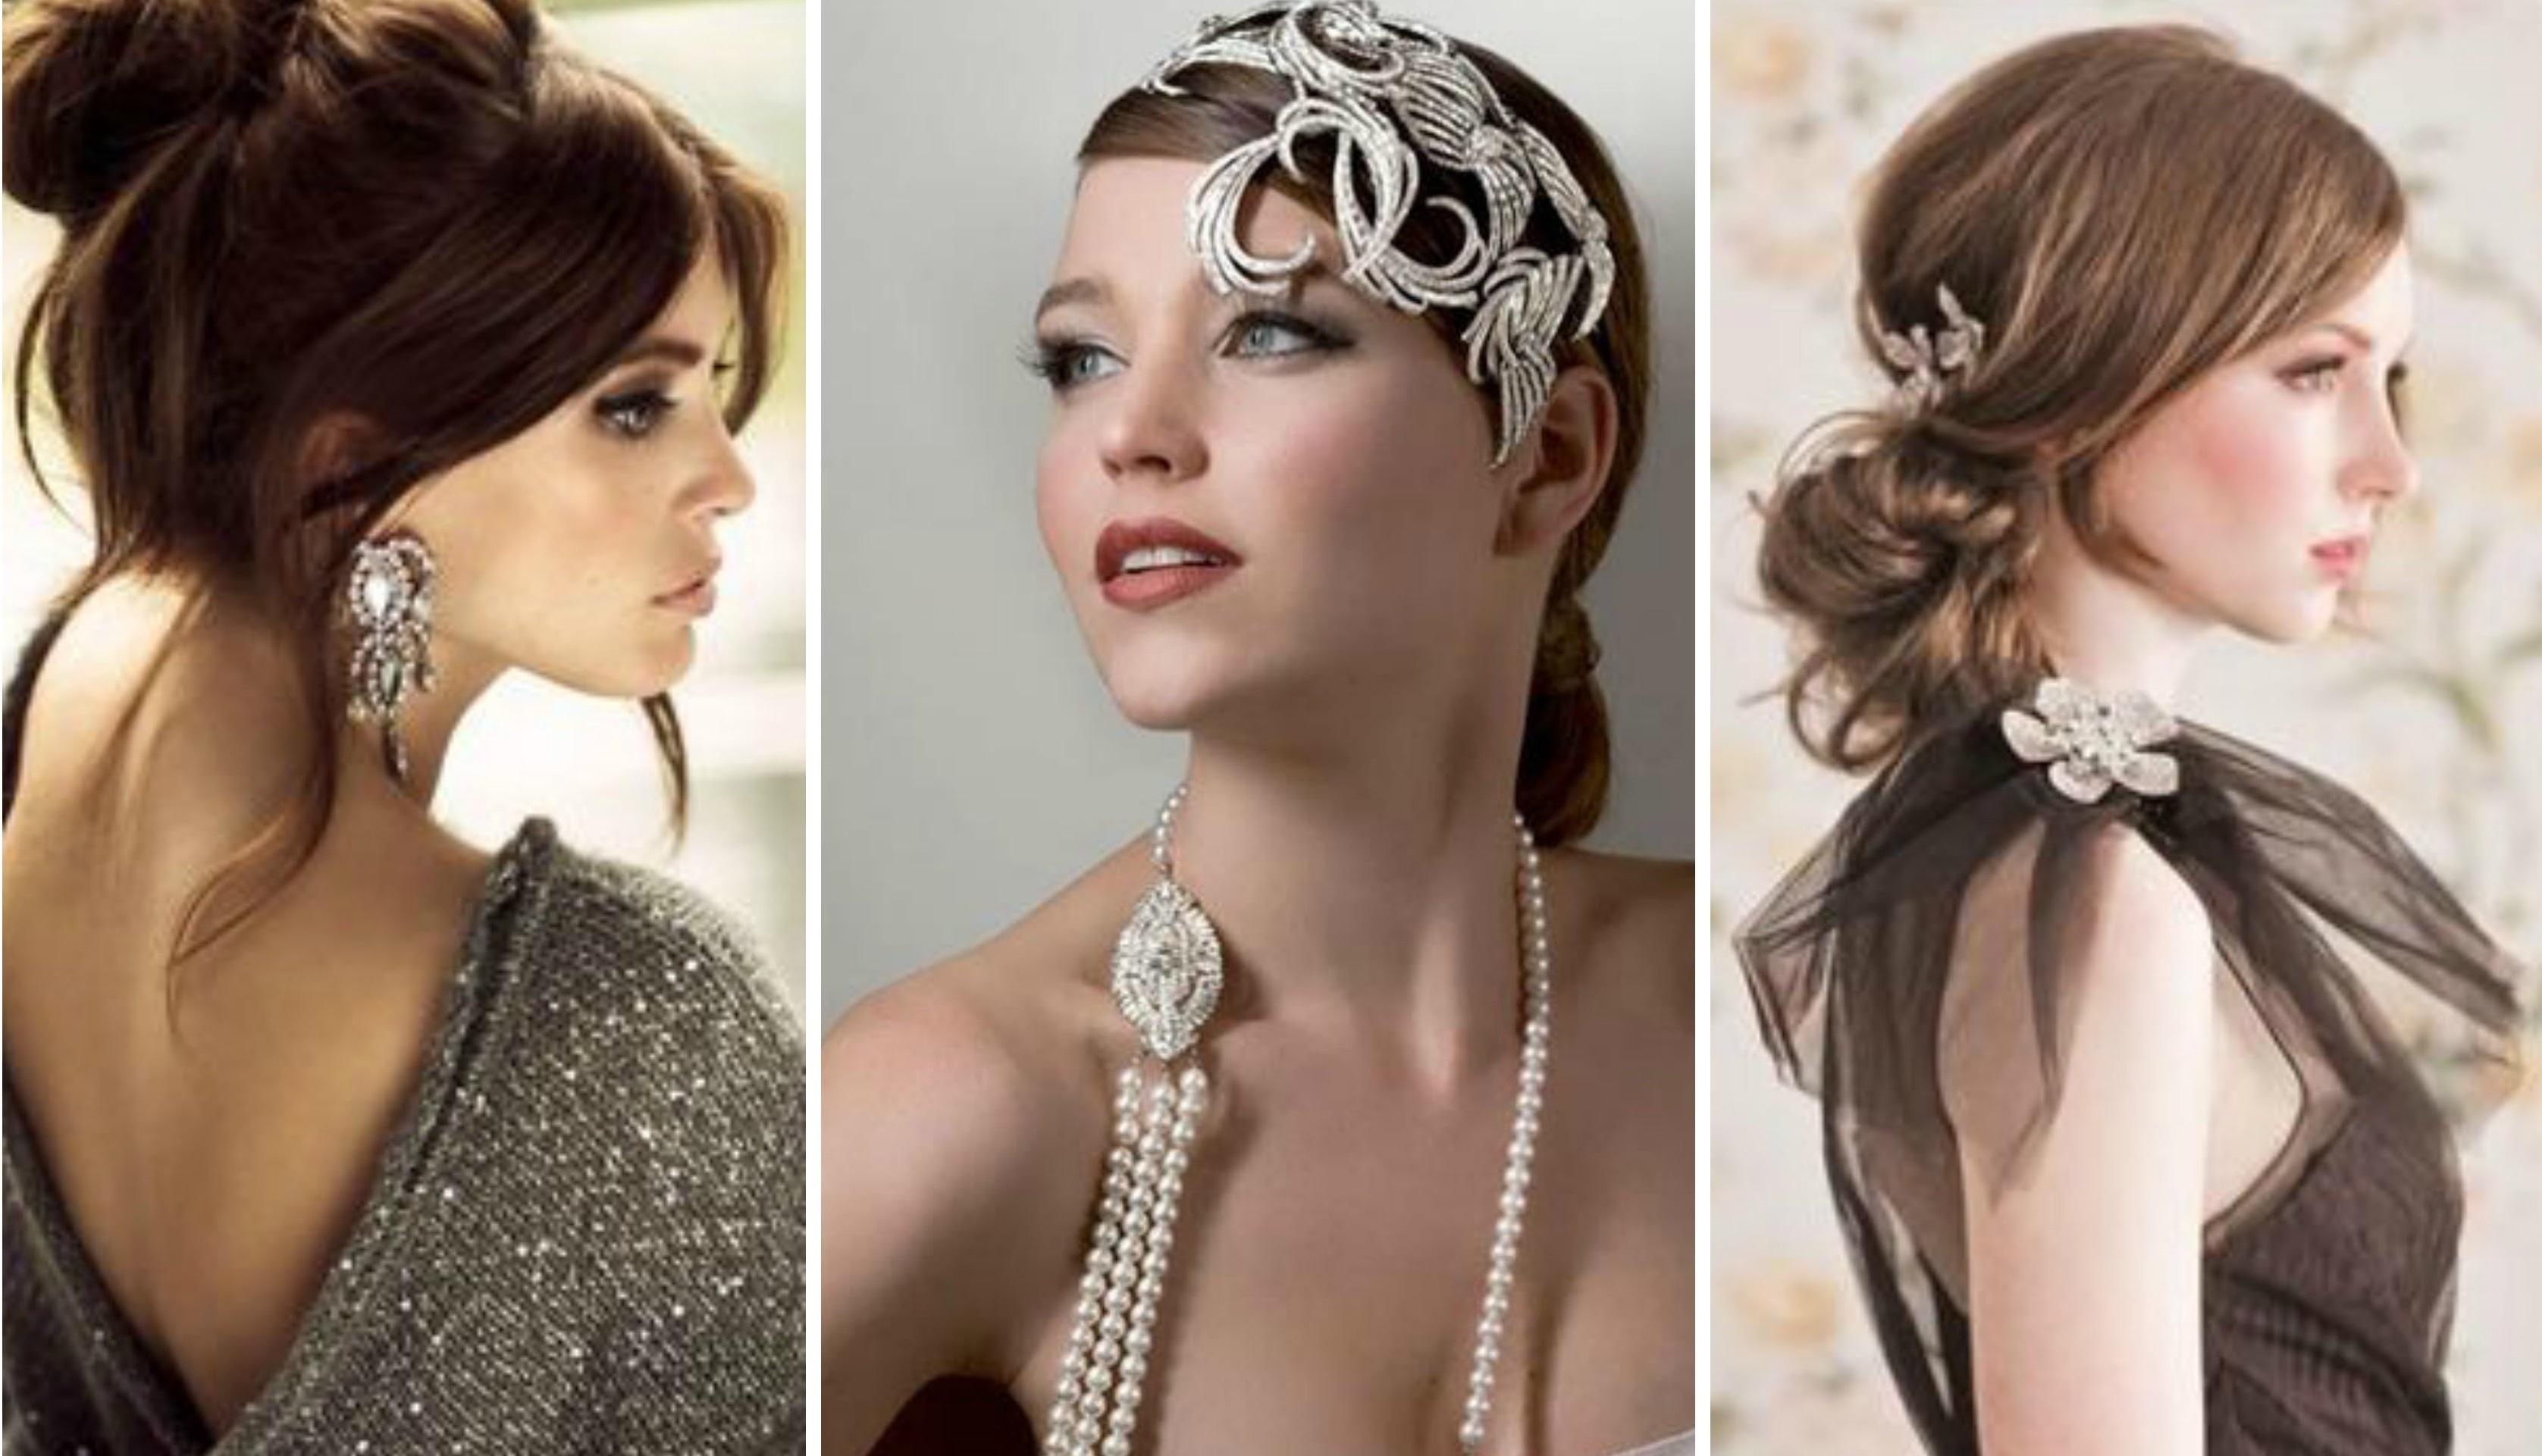 Coafuri cu accesorii în păr, Foto: youtube.com